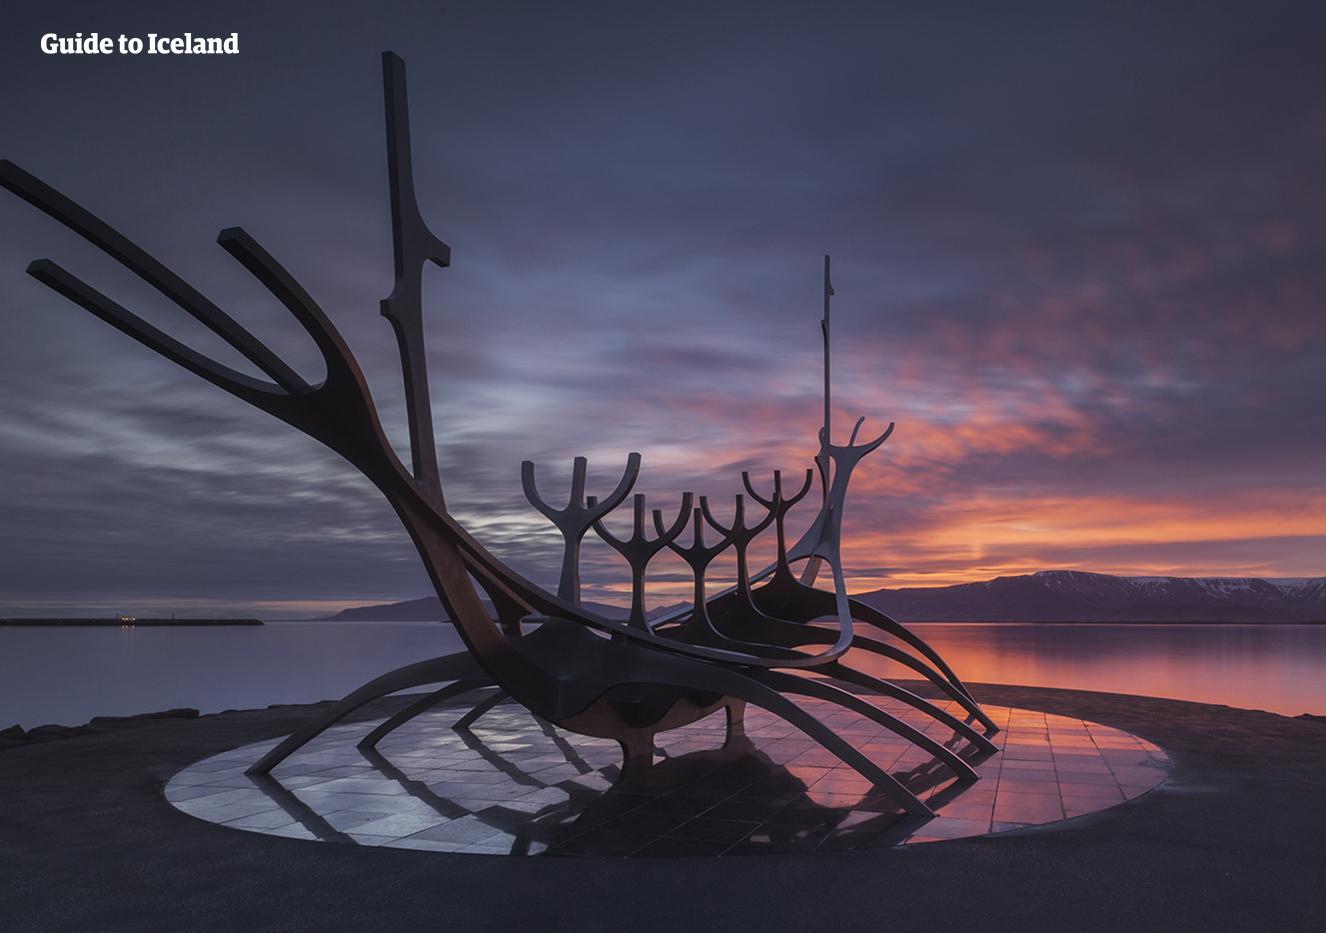 """Reykjavík regorge de choses à voir, ici, la sculpture du """"Voyageur du Soleil""""."""